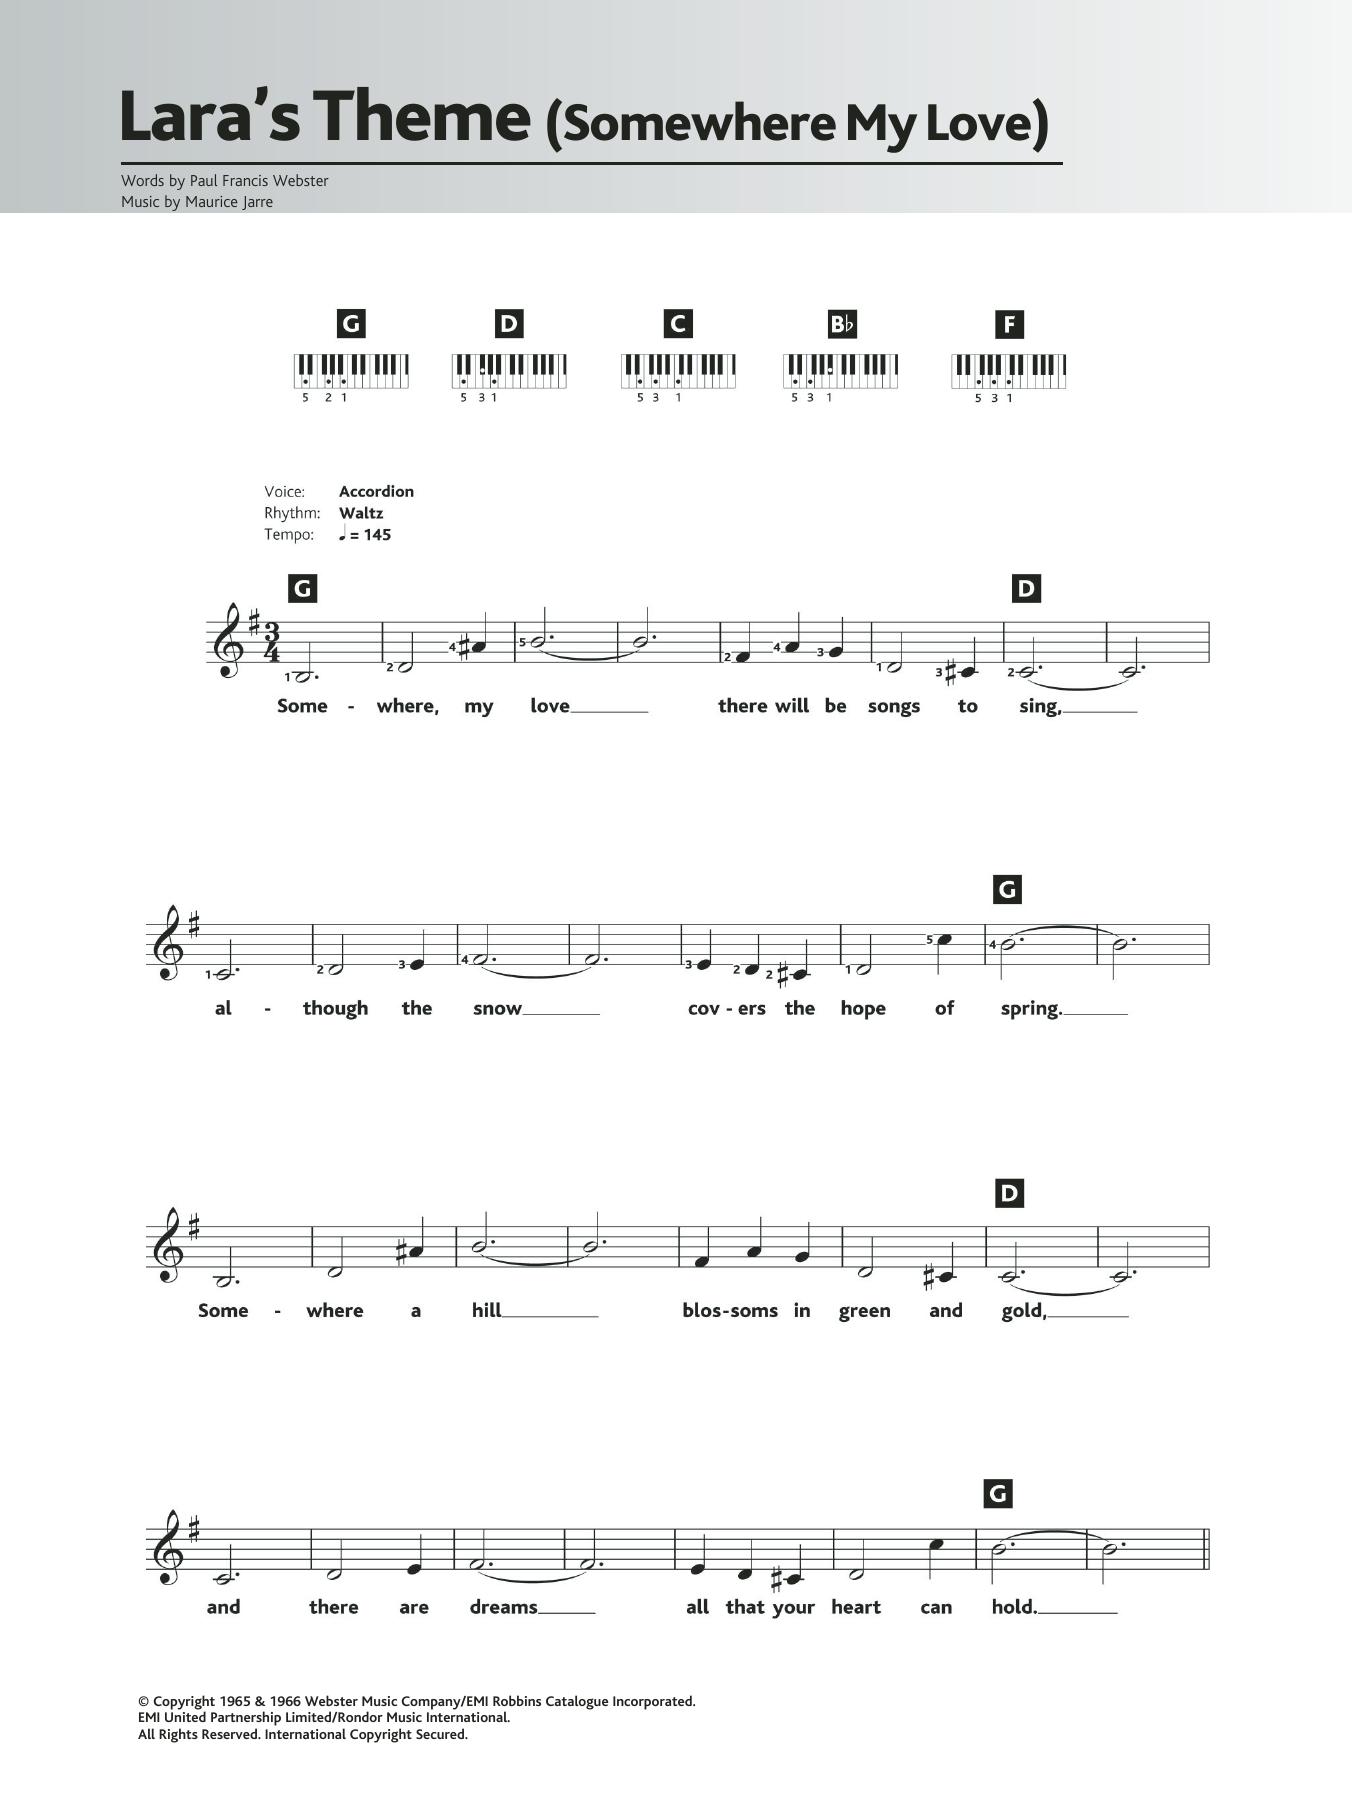 Somewhere My Love (Lara's Theme) Sheet Music